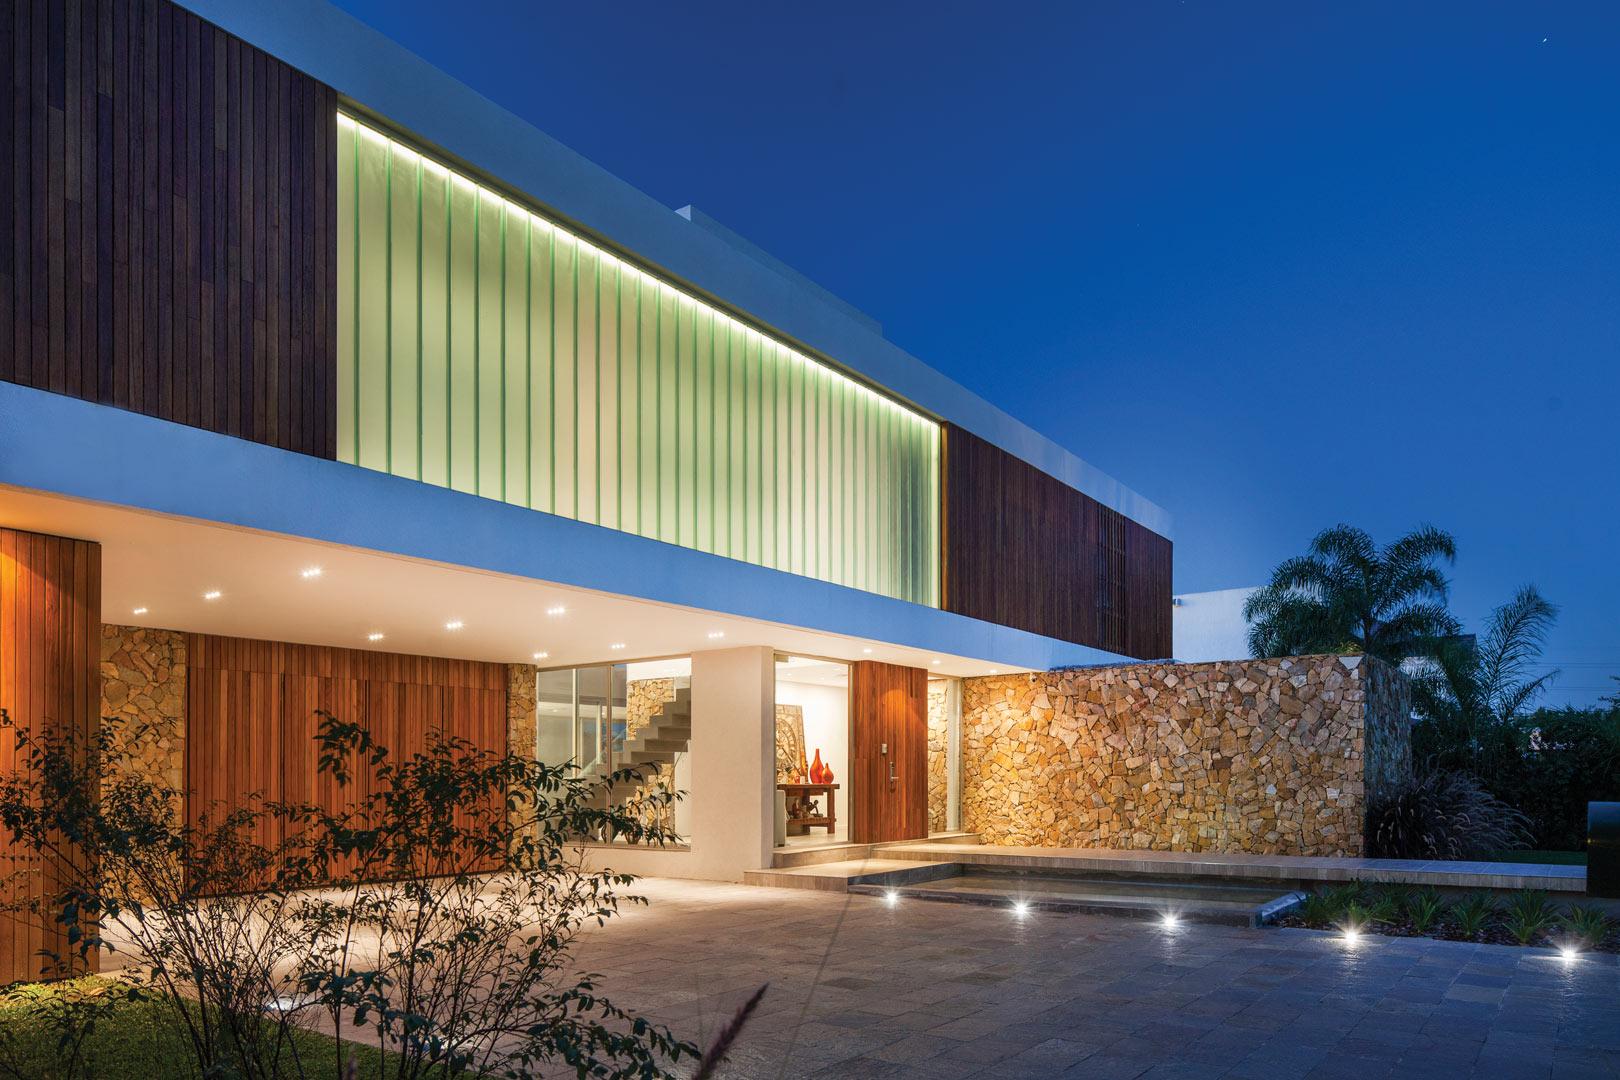 Galeria fotos oon architecture casa racionalista for Arquitectos para casas